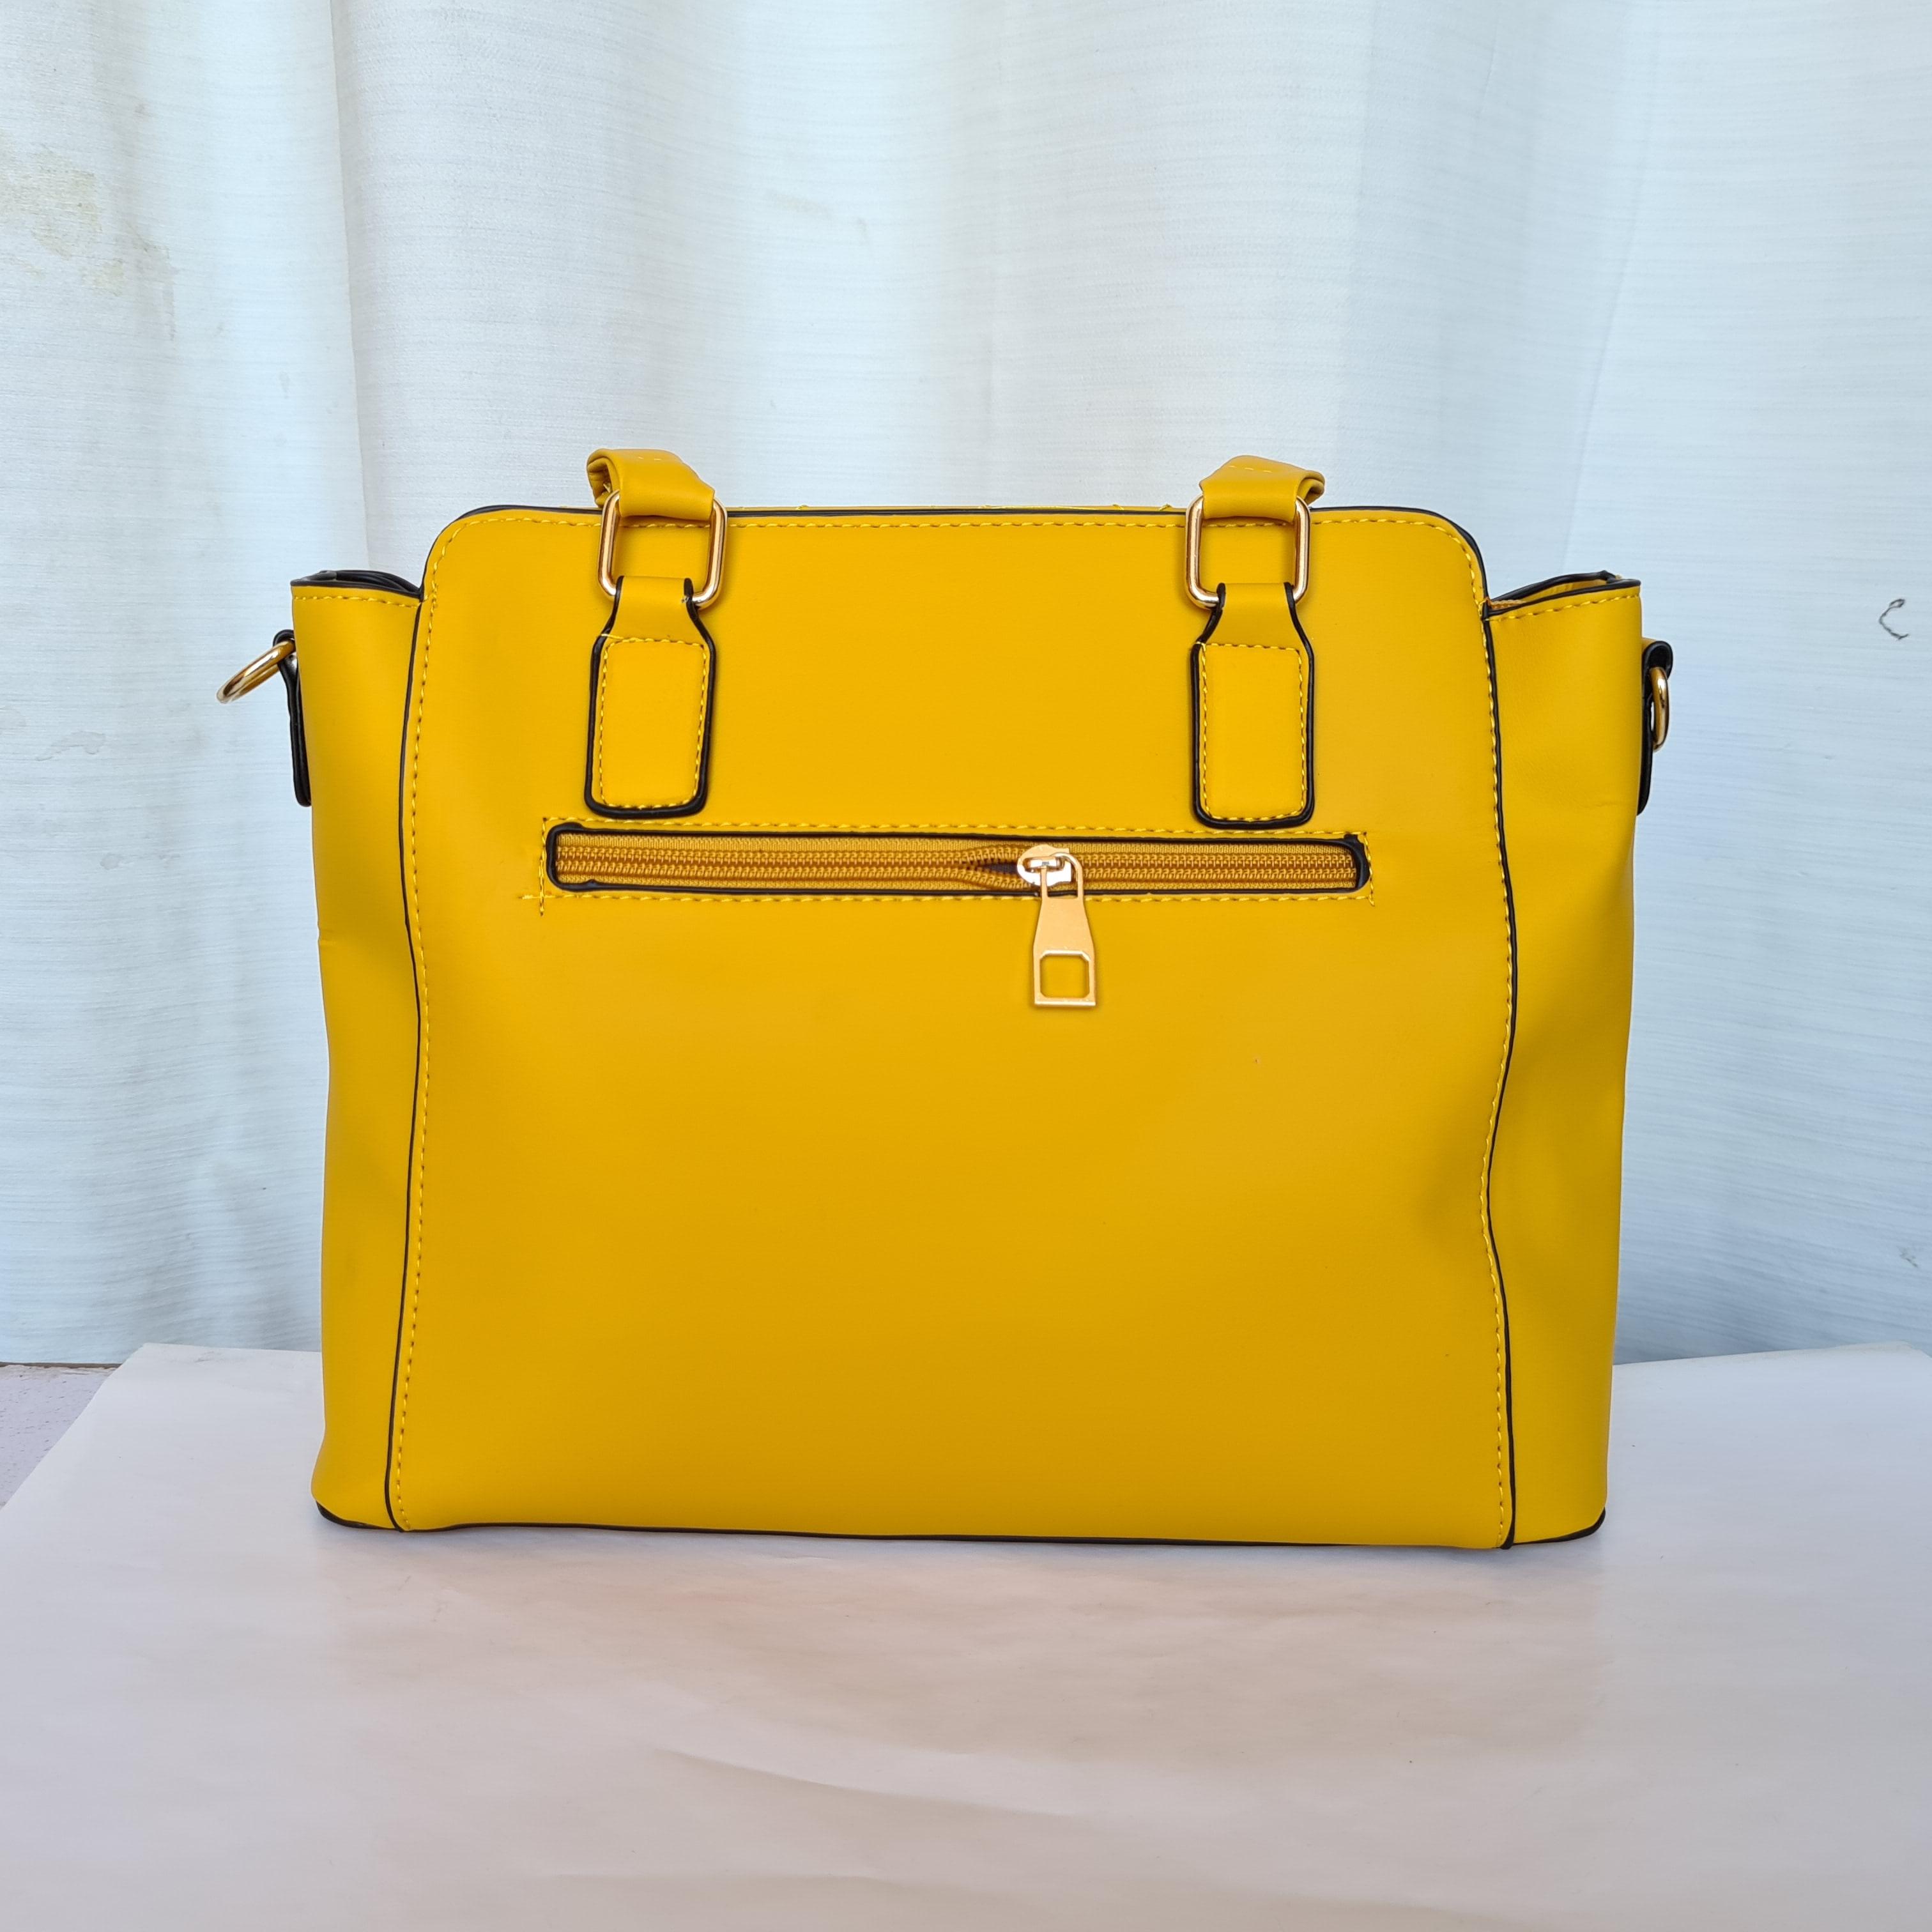 Prada Ladies Bag Yellow Color QB00182